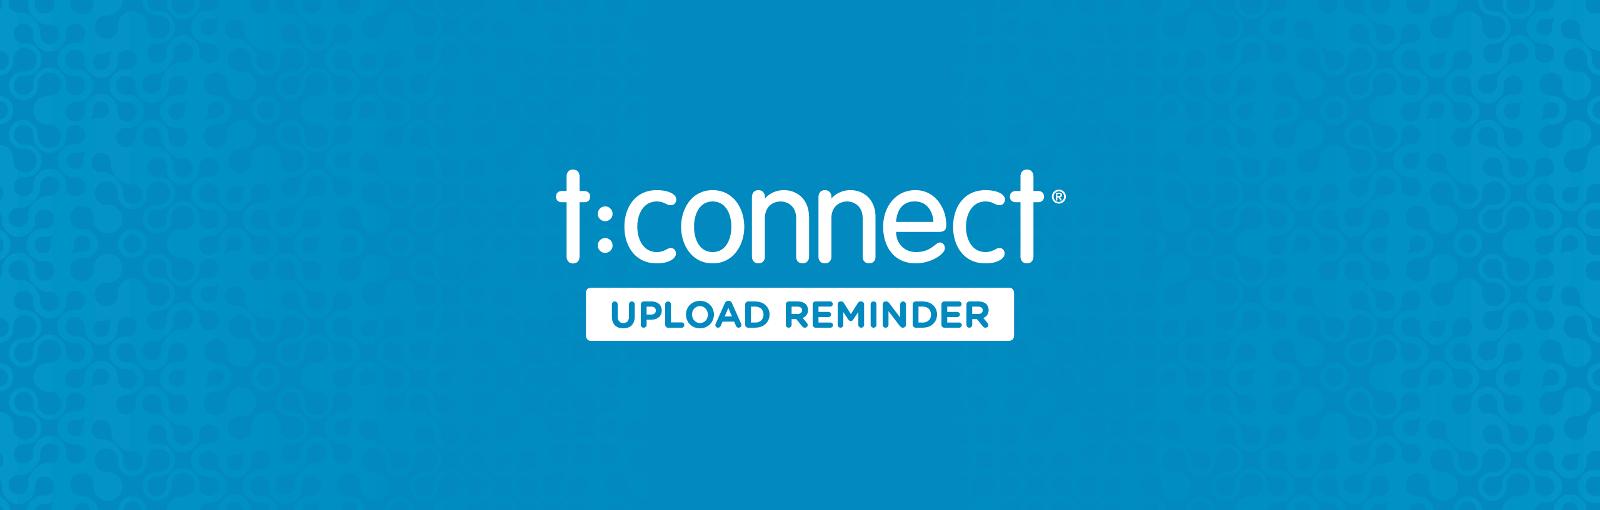 CM-000506_A_Banner_Blog_tconnect_Upload_Reminder_PROOF_20180208b